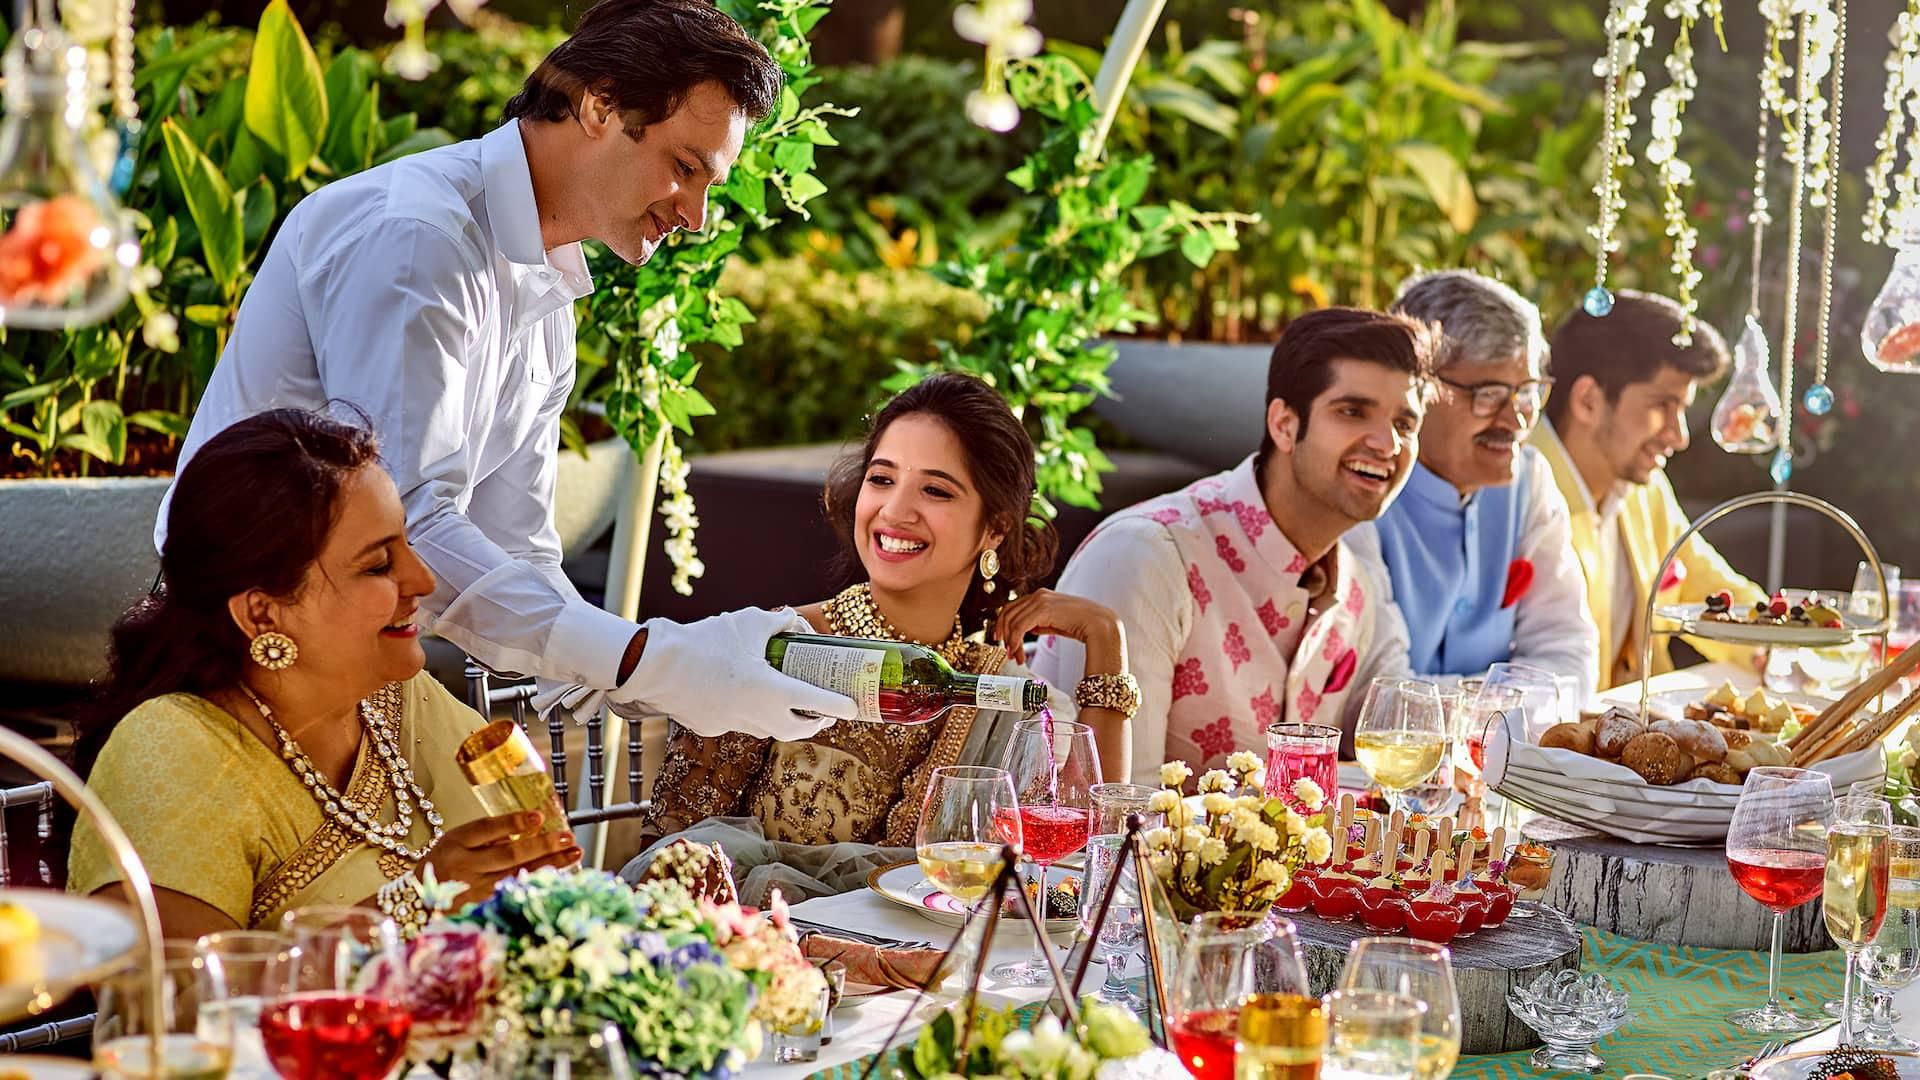 Wedding Lifestyle Service Brunch